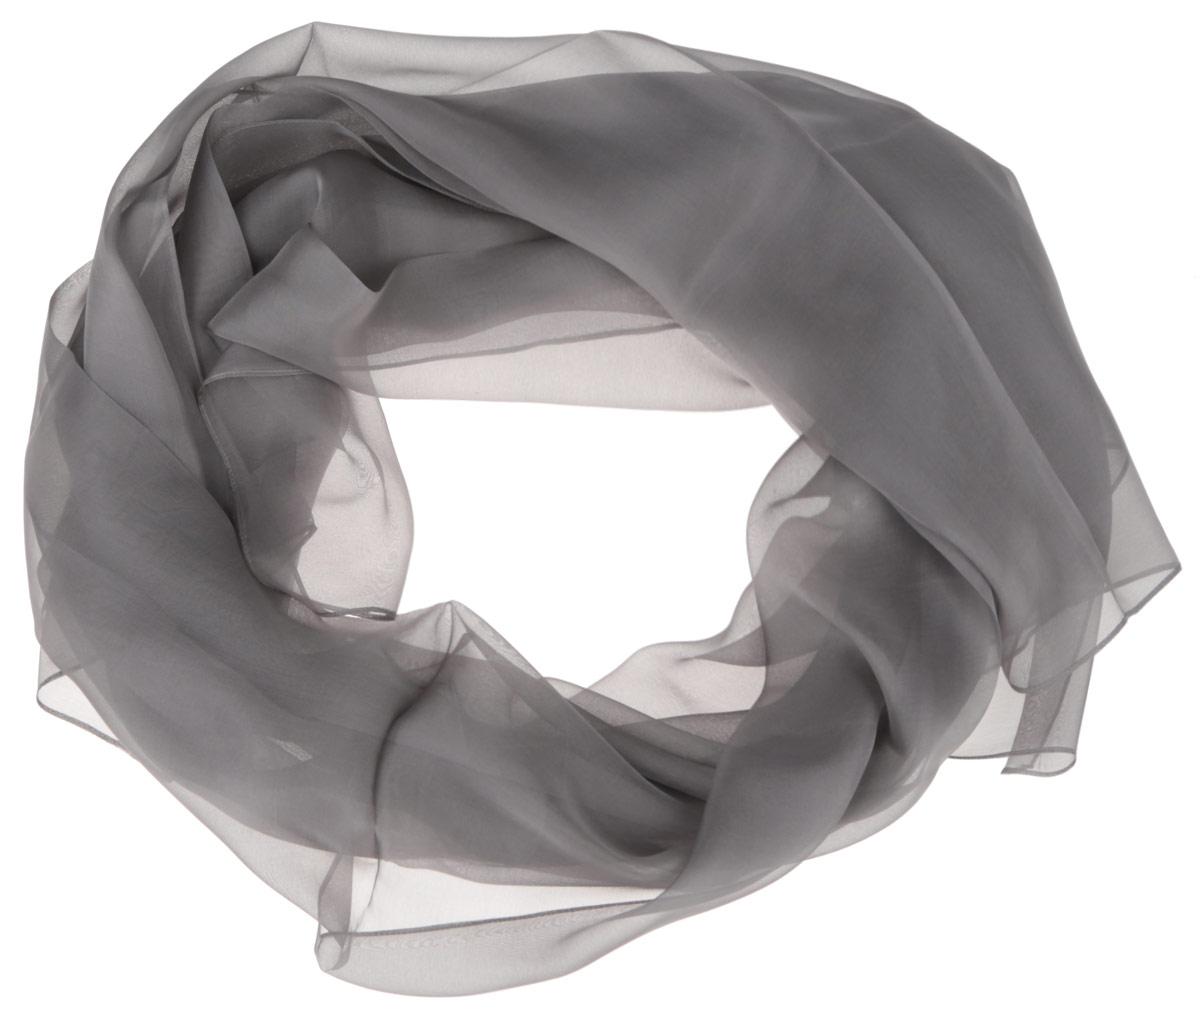 Шарф женский Fabretti, цвет: серый. CX1516-61-9. Размер 180 см х 90 смCX1516-61-9Стильный женский платок Fabretti станет великолепным завершением любого наряда. Платок изготовлен из высококачественного шелка. Вы сможете сочетать этот оригинальный однотонный платок с любыми нарядами. Классическая квадратная форма позволяет носить платок на шее, украшать им прическу или декорировать сумочку. Мягкий и шелковистый платок поможет вам создать изысканный женственный образ, а также согреет в непогоду. Такой платок превосходно дополнит любой наряд и подчеркнет ваш неповторимый вкус и элегантность.